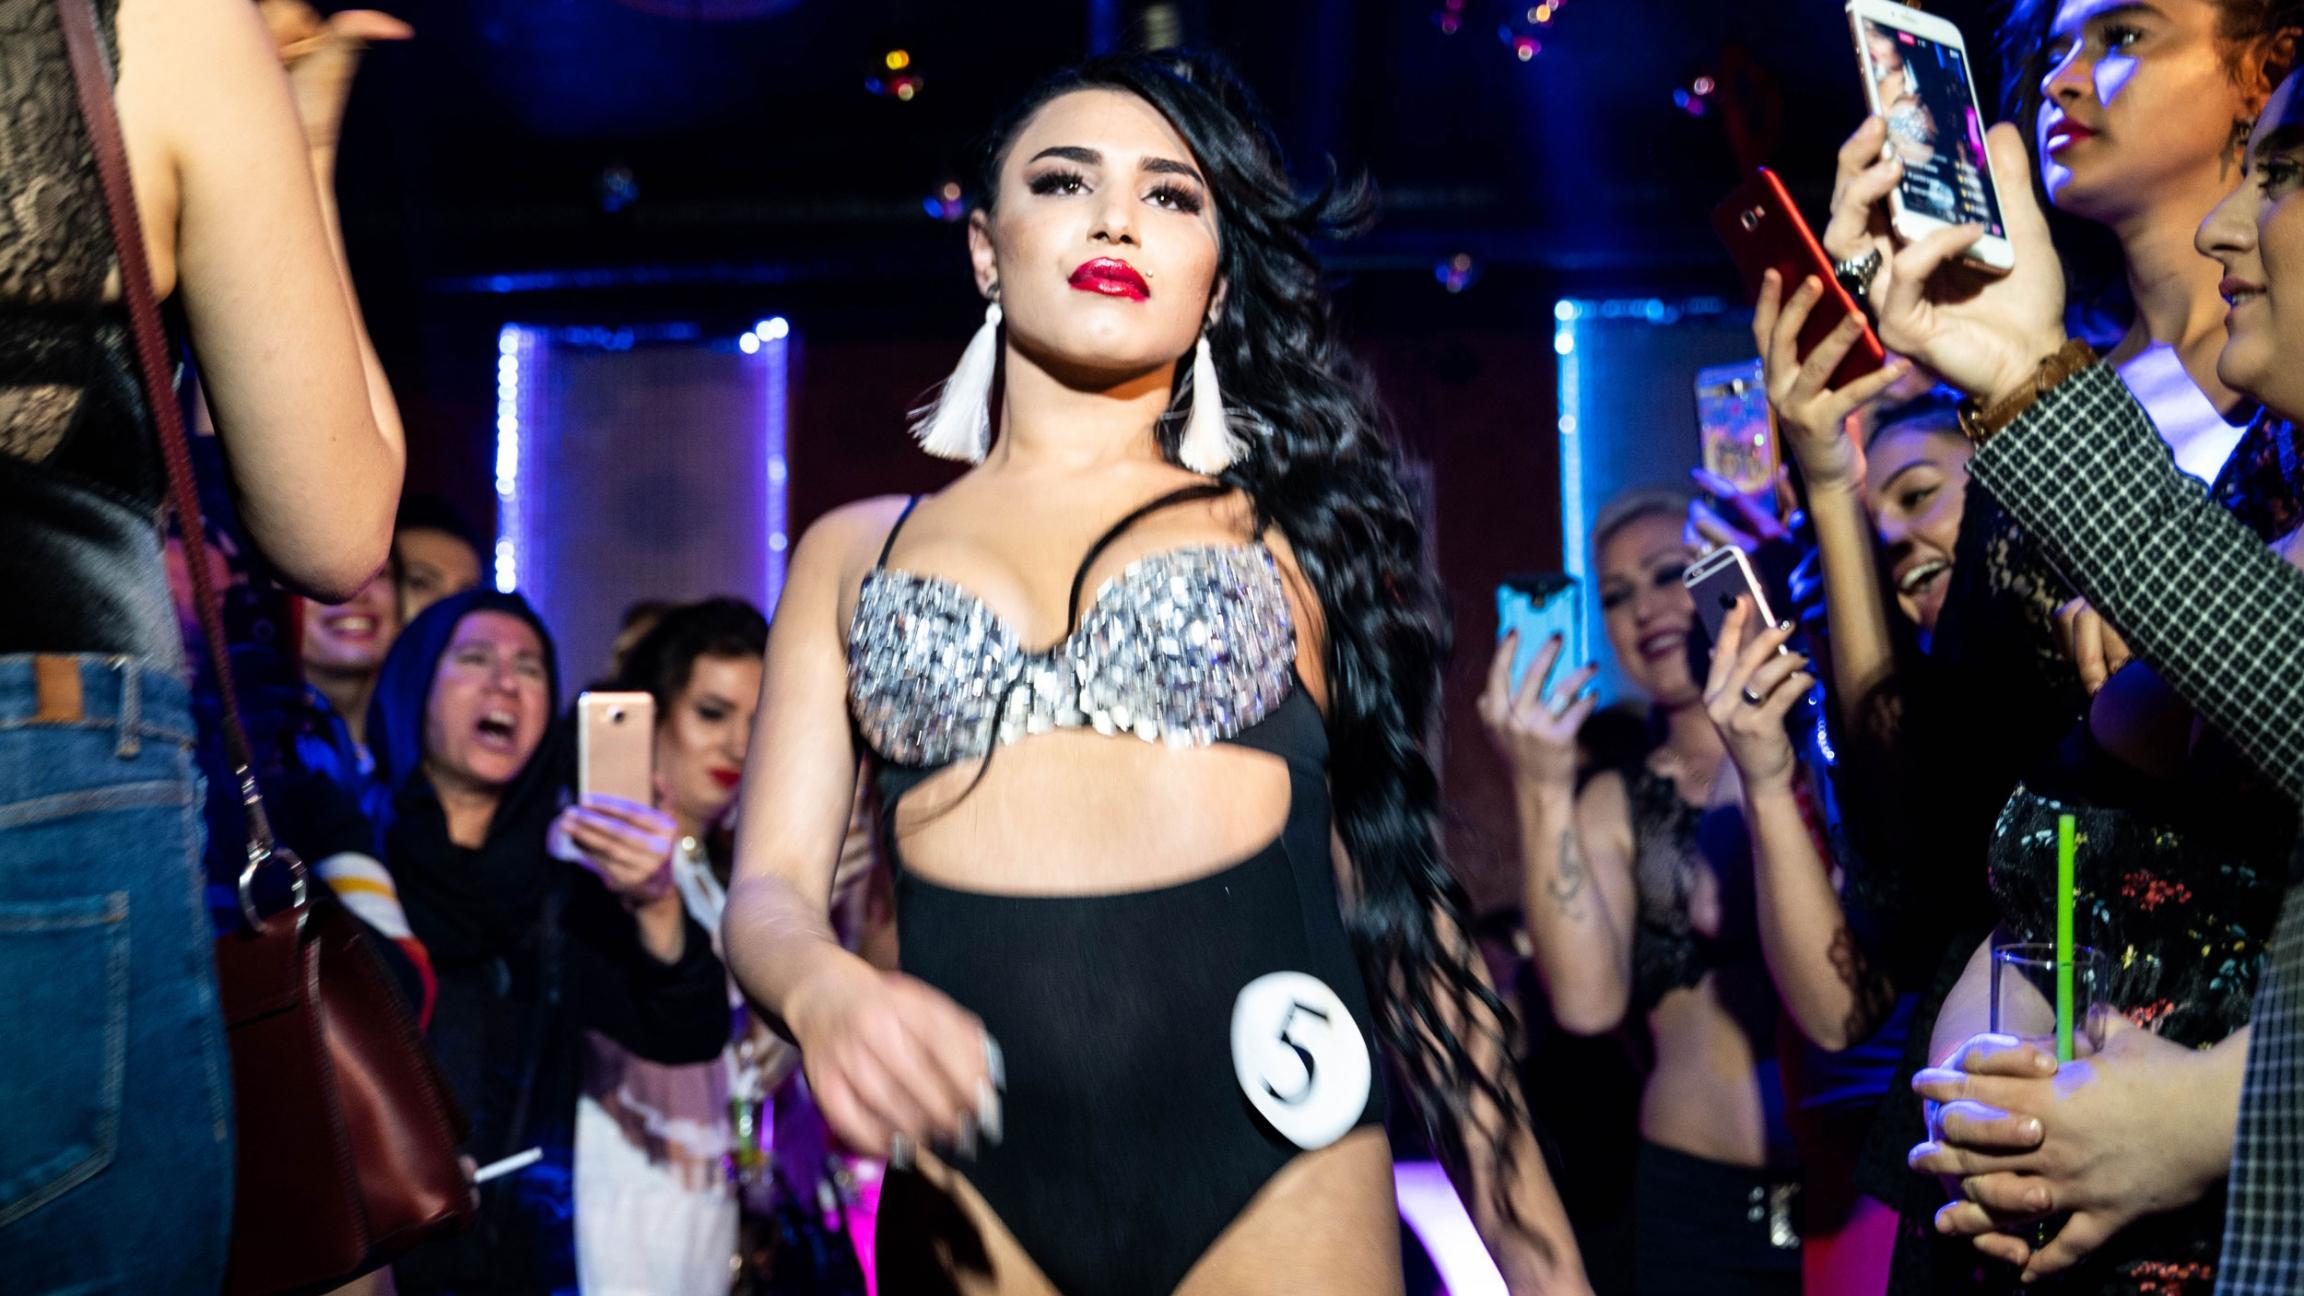 chicas sexy babes porno pics